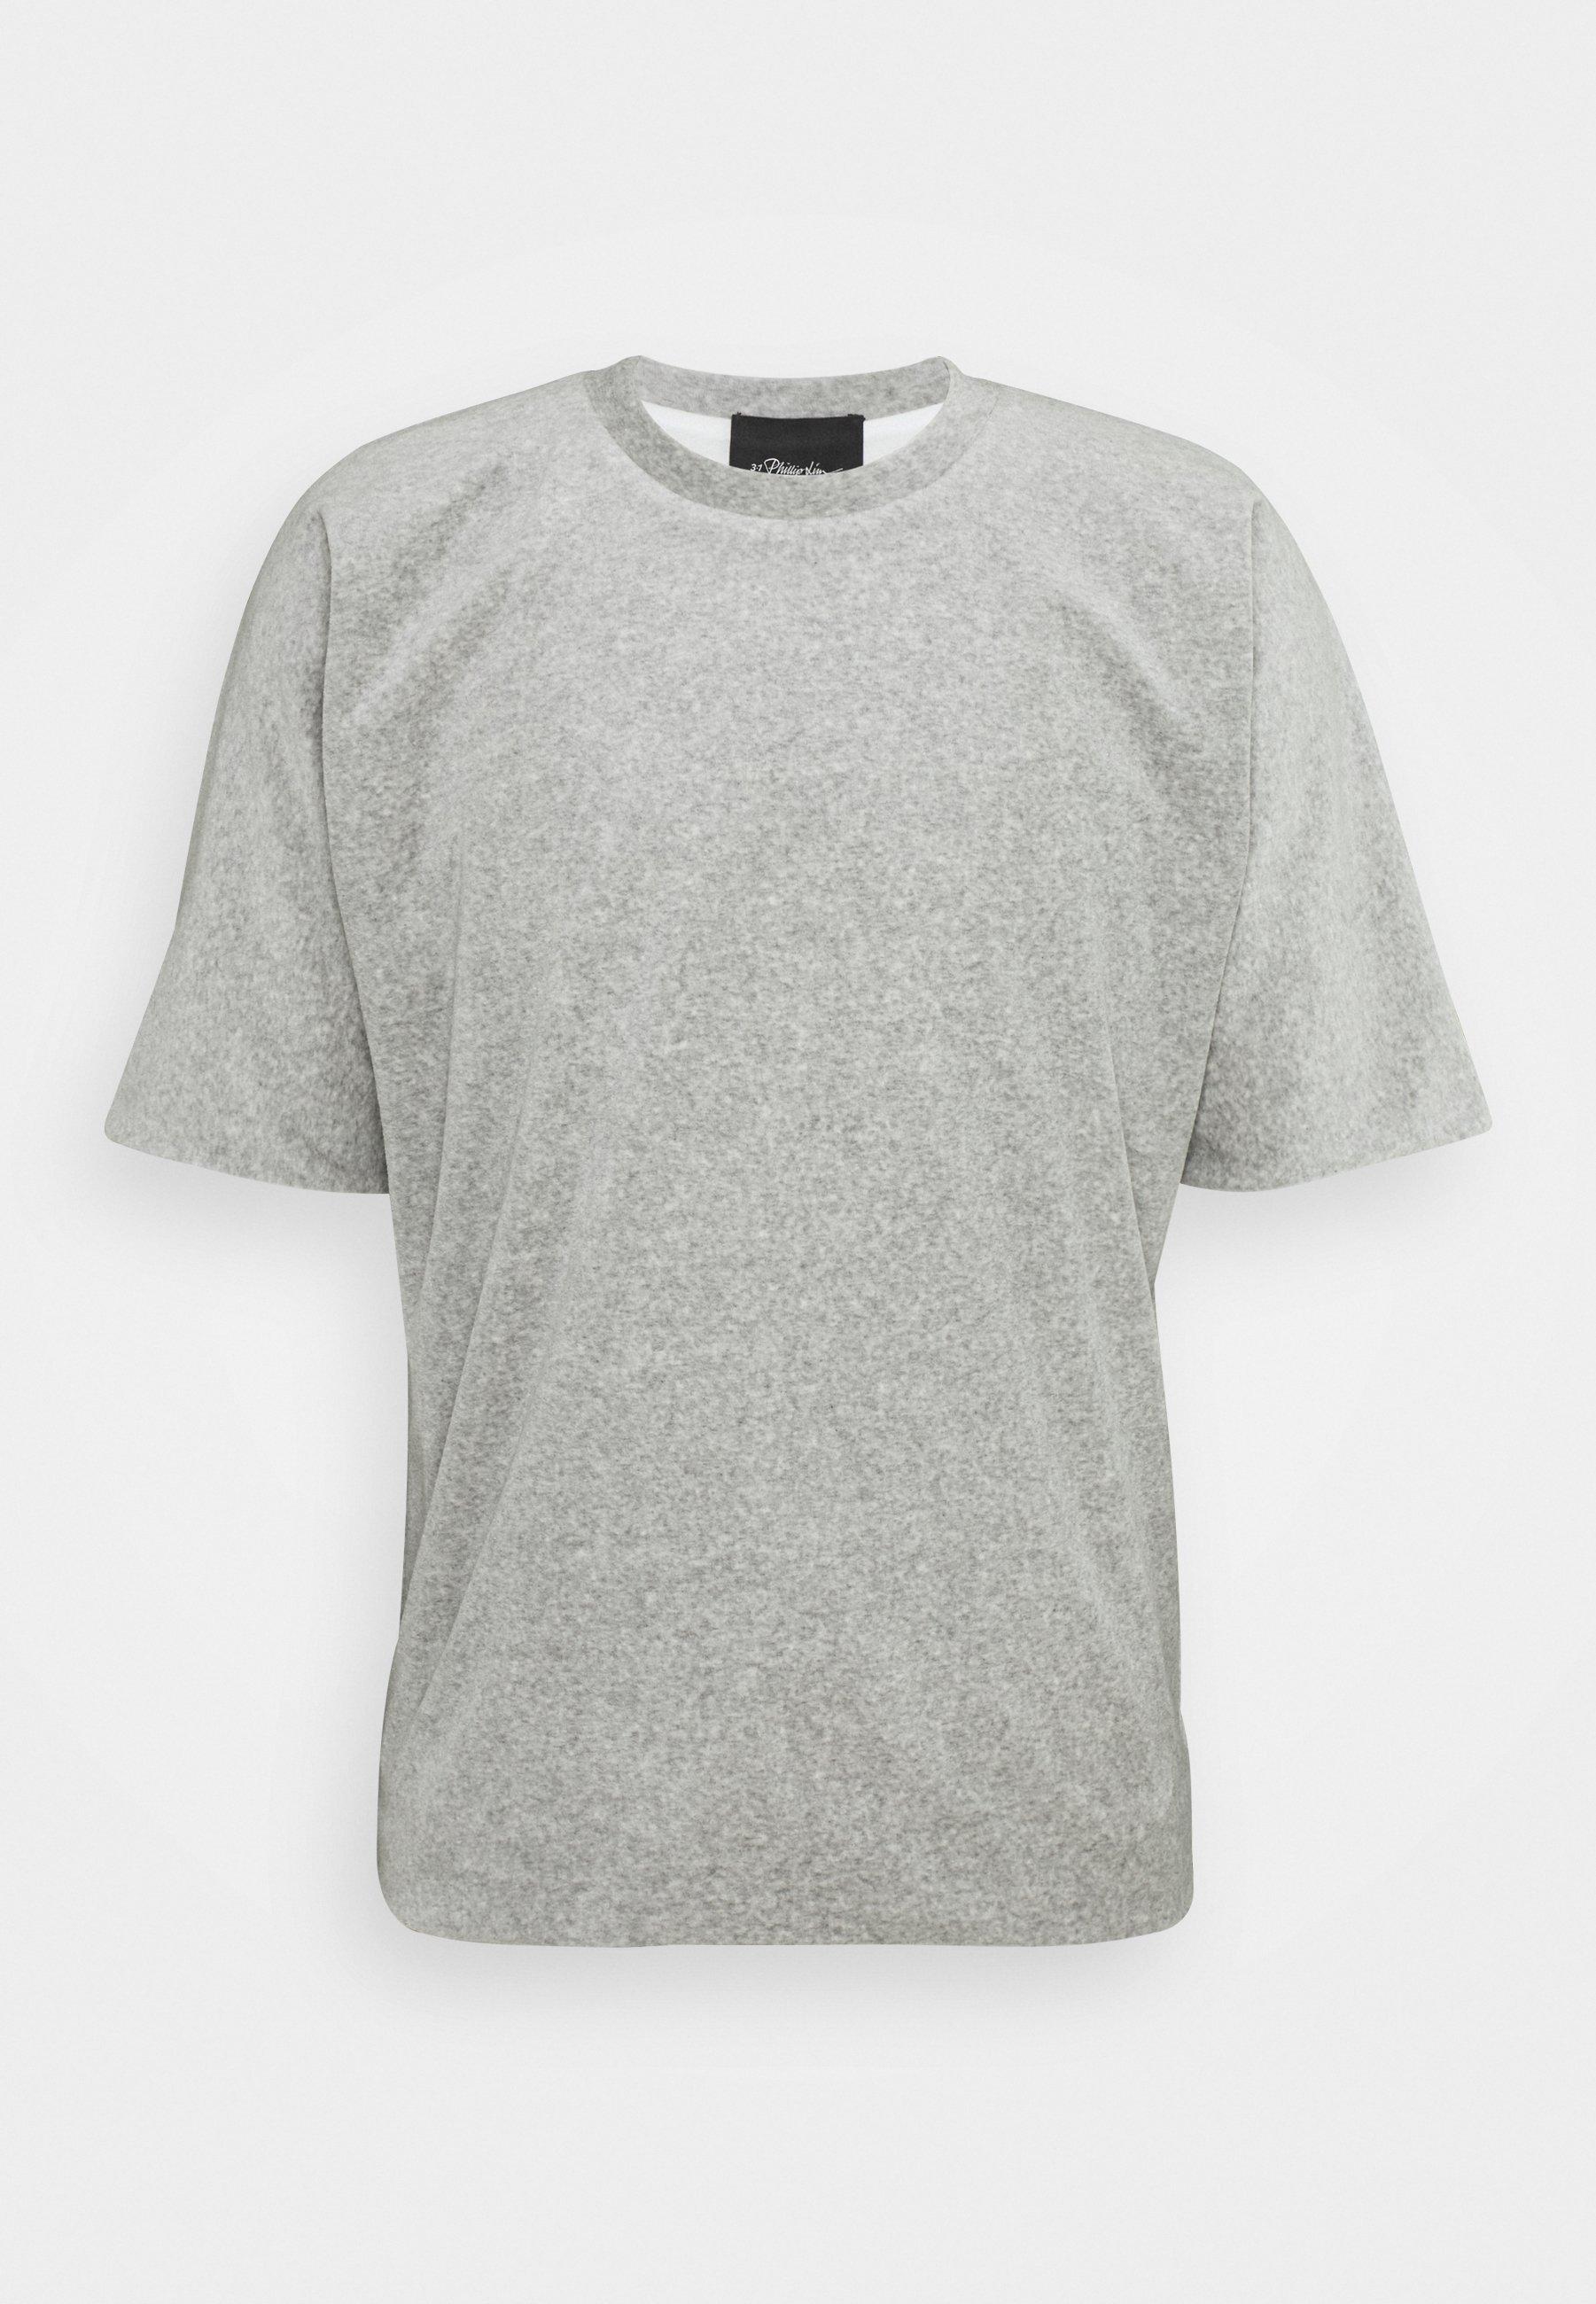 Homme REVERSIBLE VINTAGE FIT - T-shirt basique